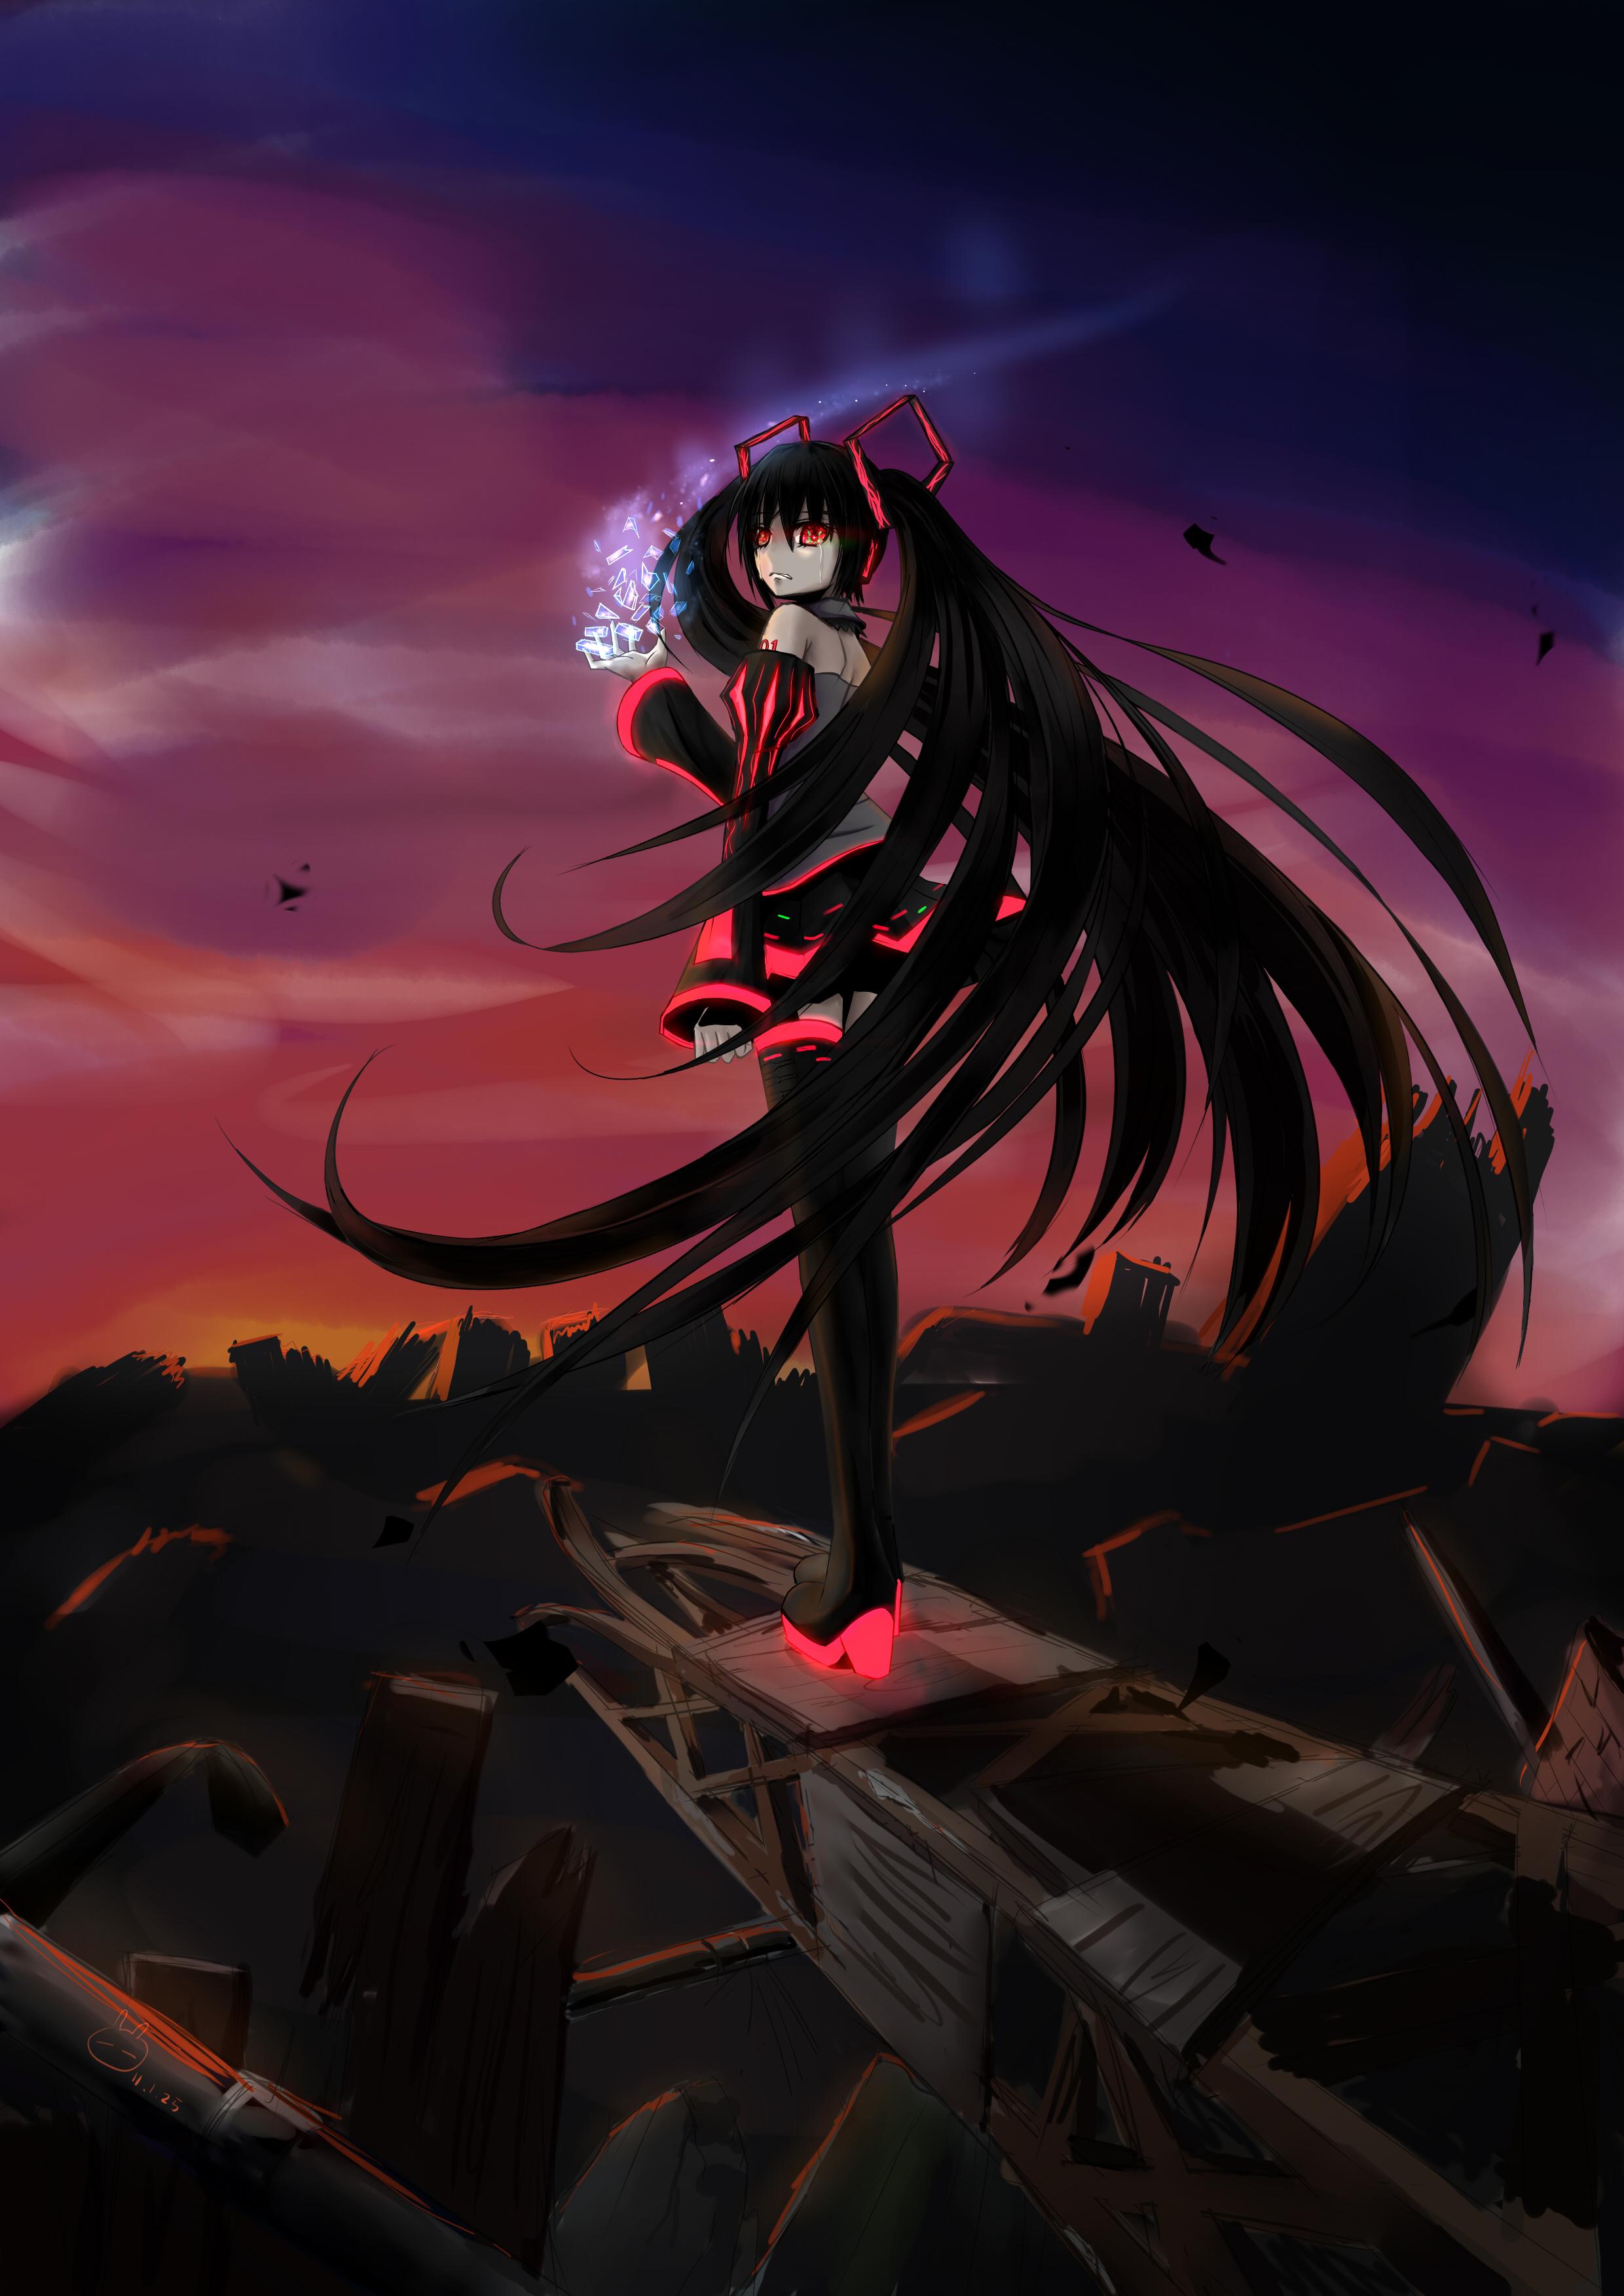 Картинка аниме девушка злая